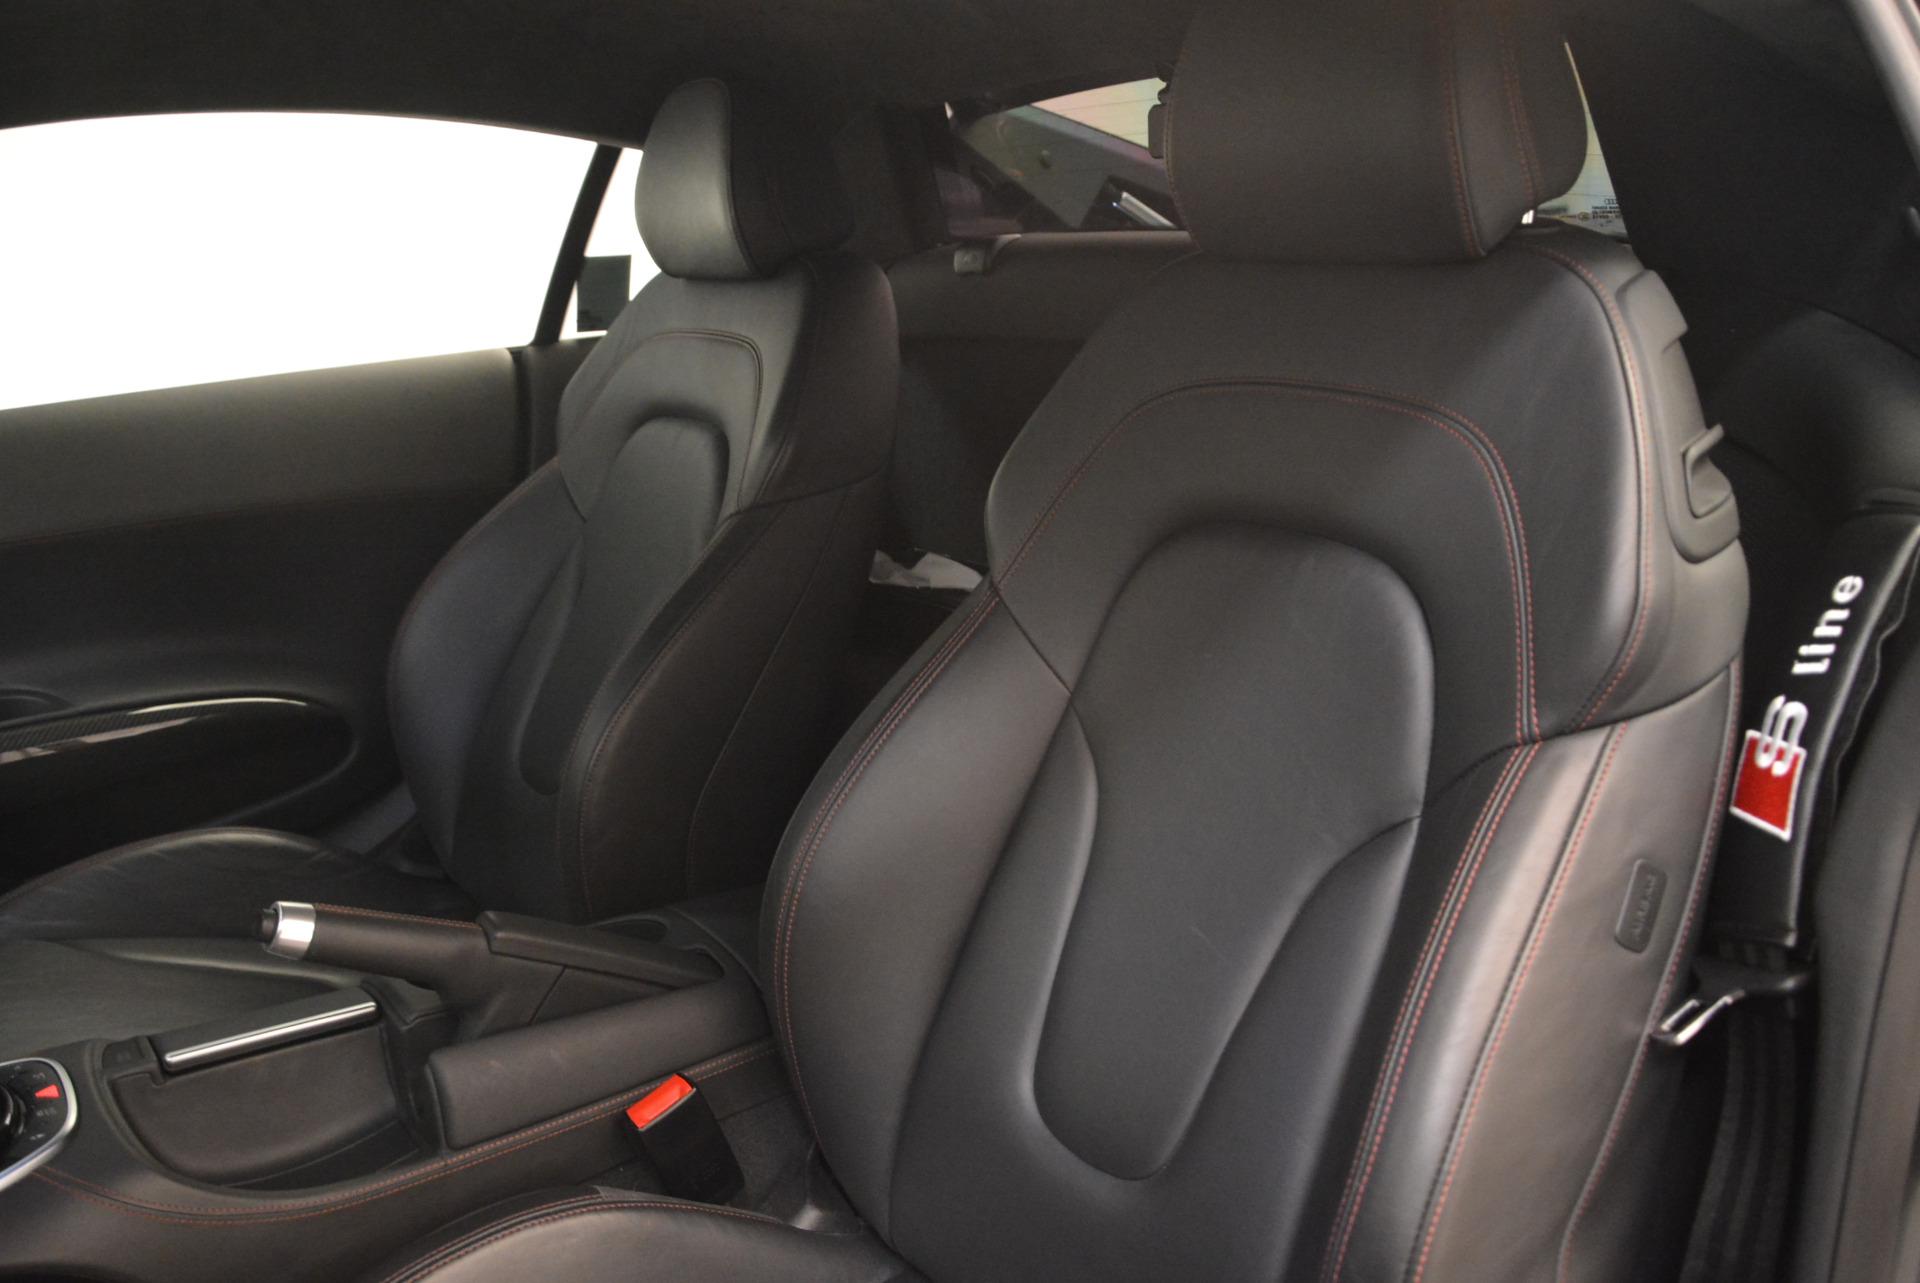 Used 2014 Audi R8 52 quattro